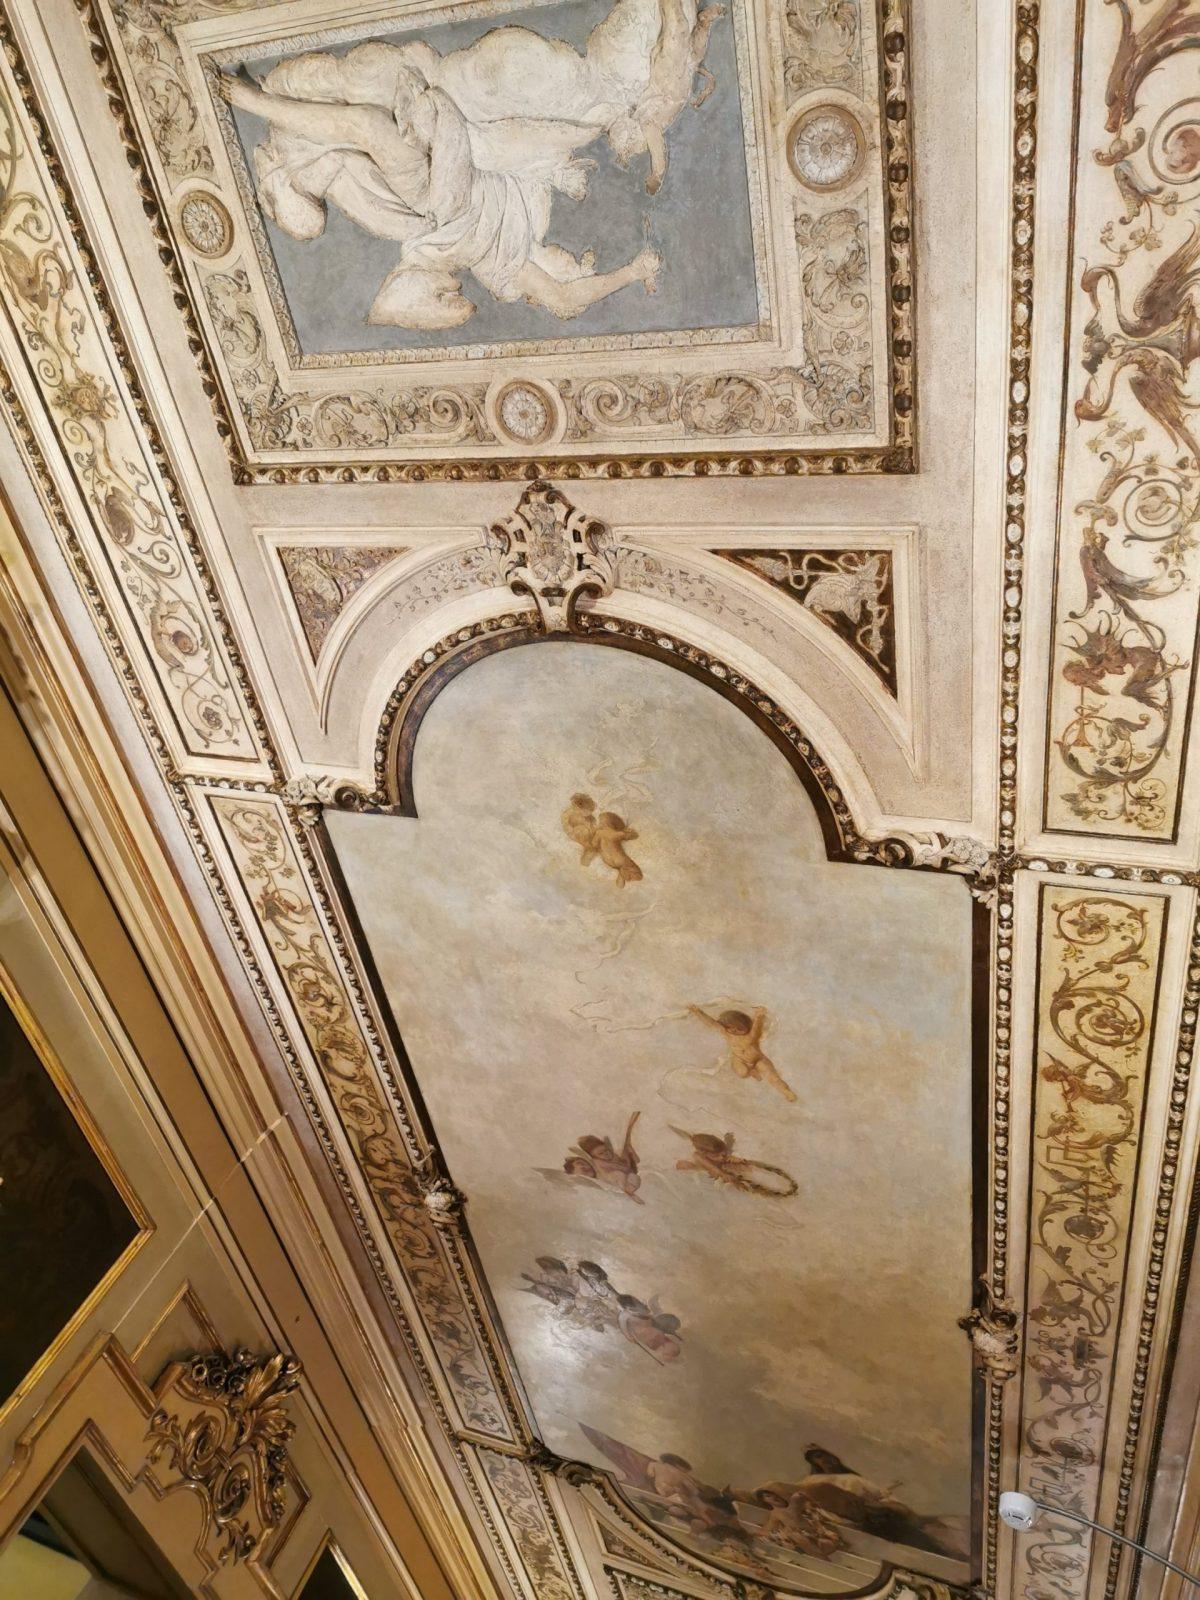 Caffe Florian ceiling